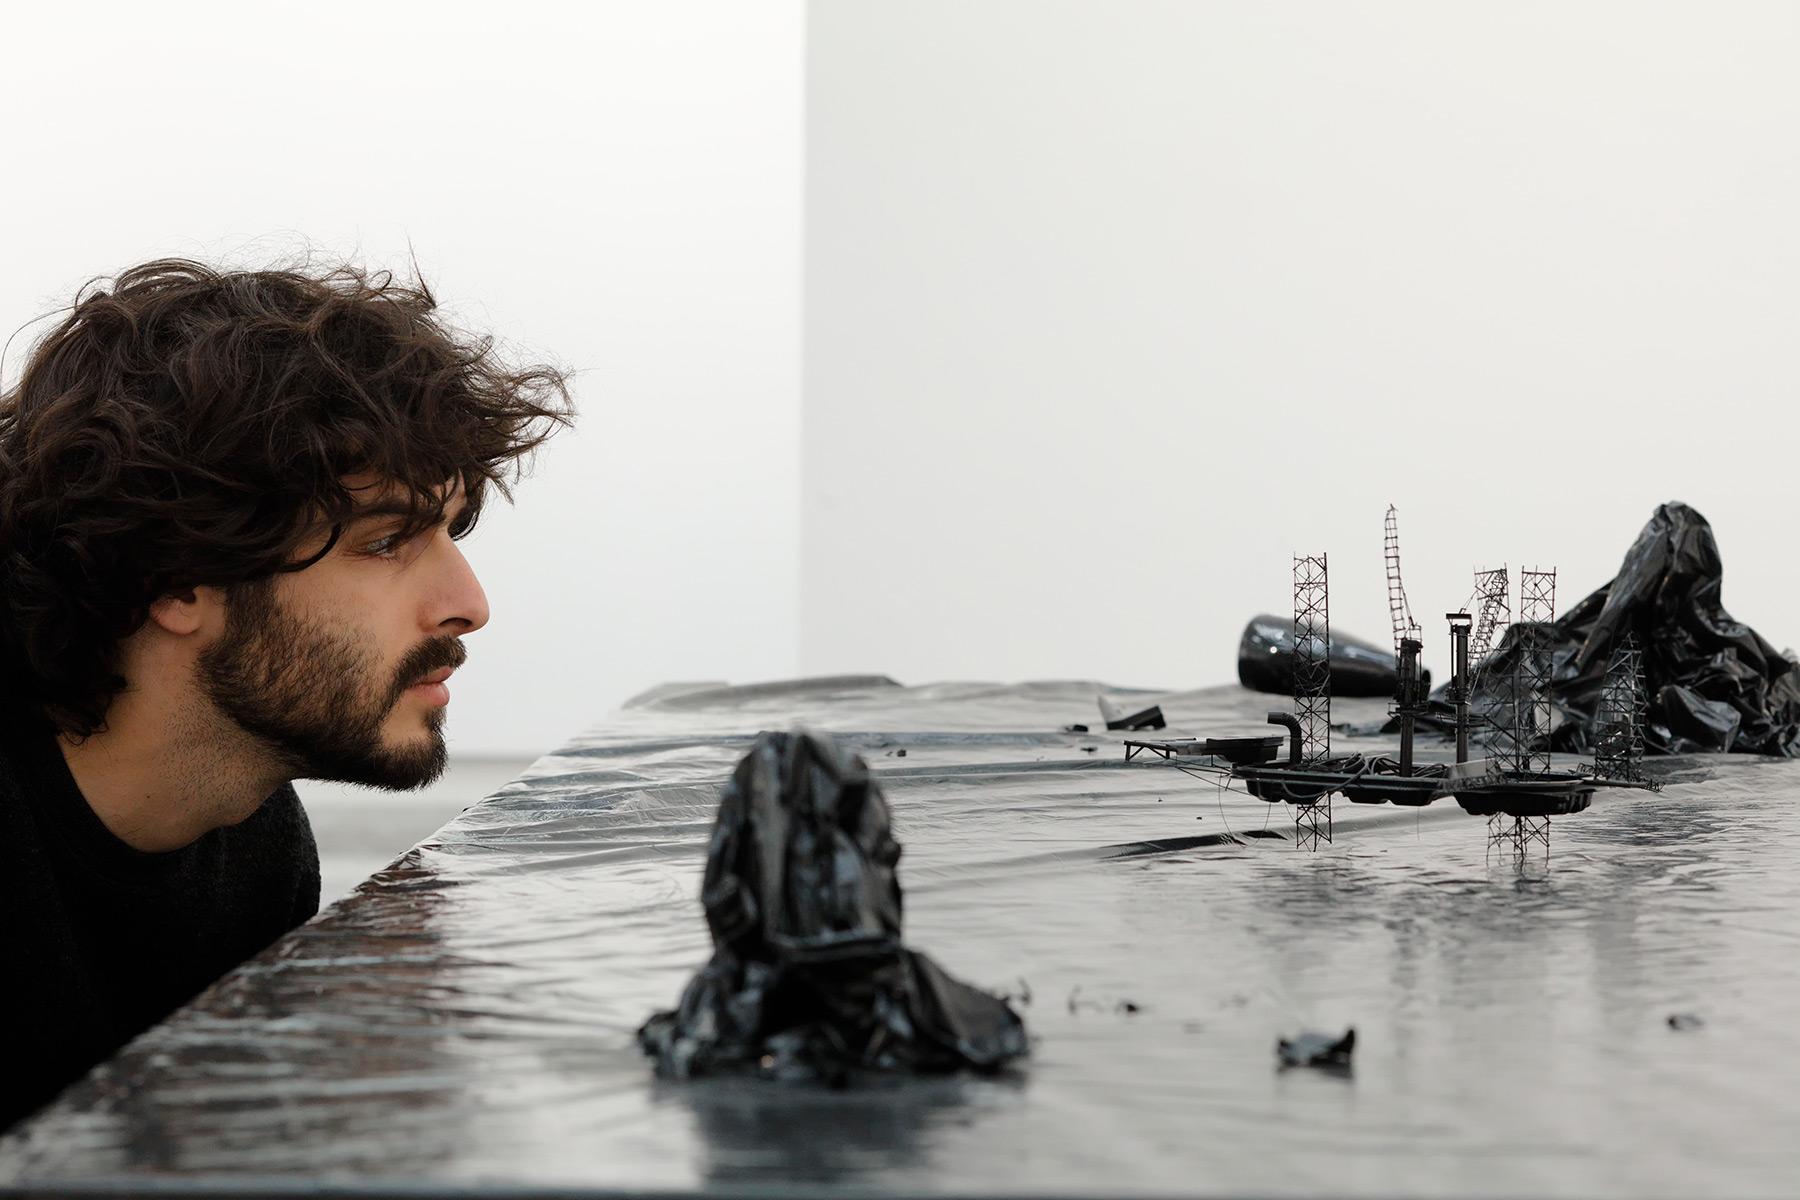 《アウト・オブ・ディスオーダー(海洋モデル)》 撮影:木奥惠三 ©Takahiro Iwasaki, Courtesy of ANOMALY